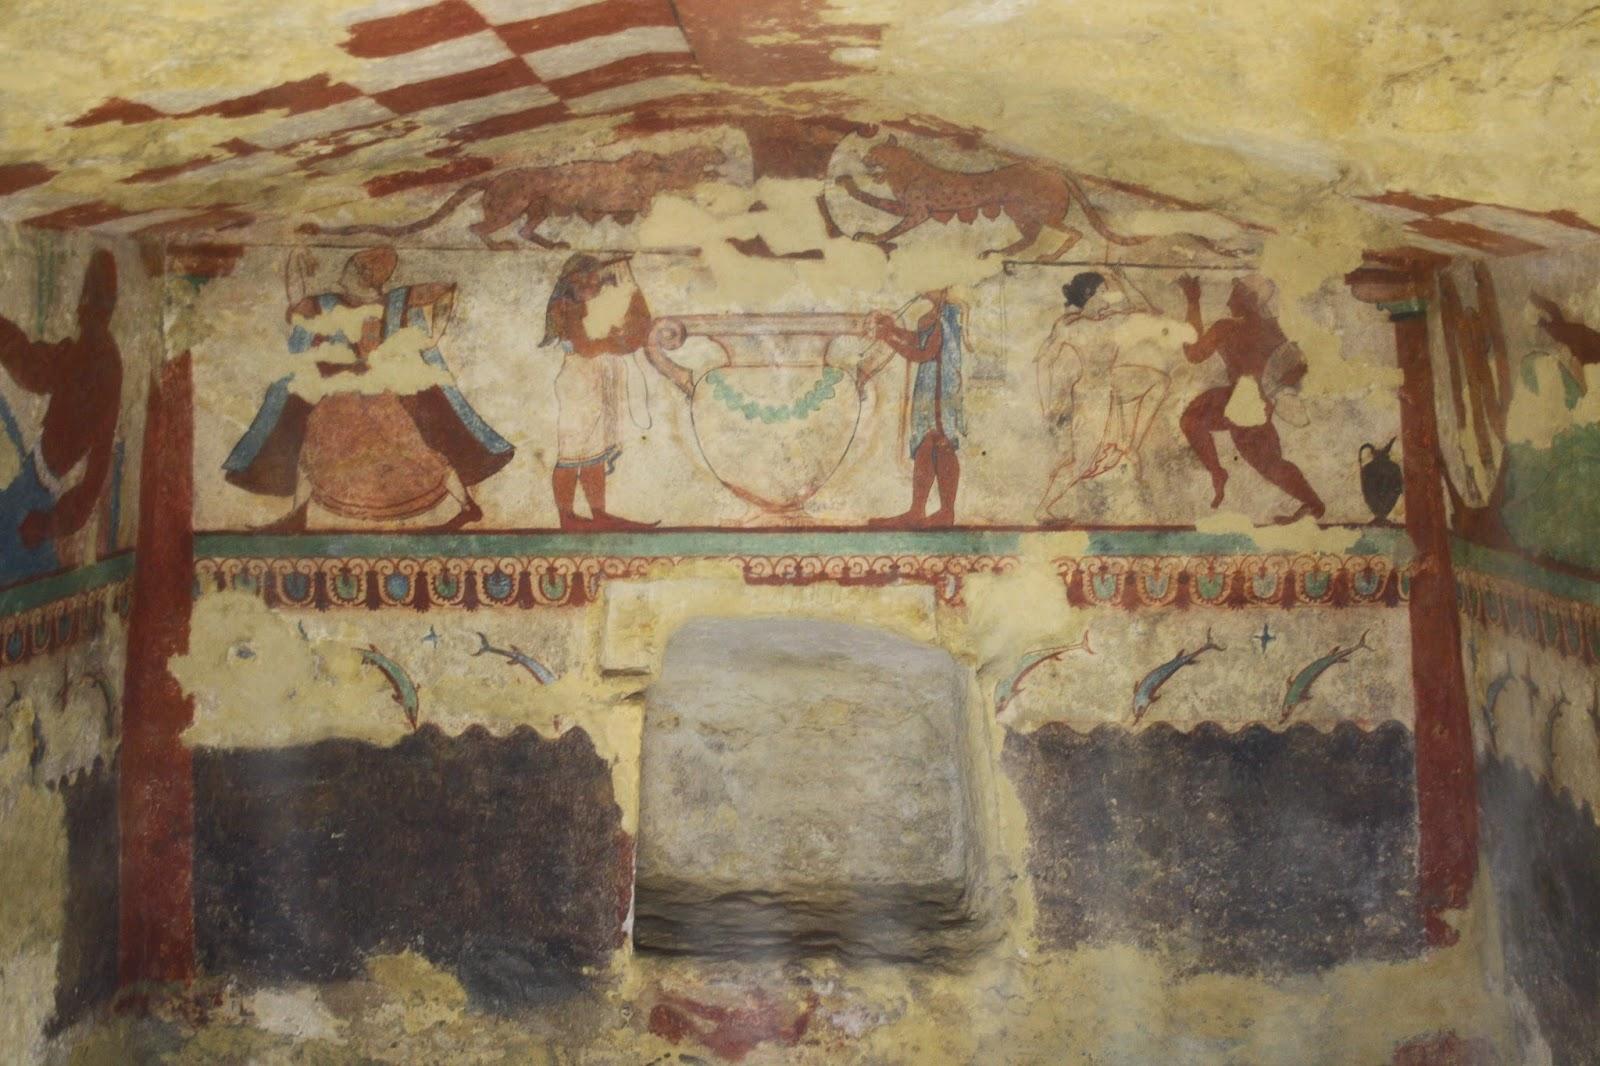 Pinturas Necrópolis etrusca de Tarquinia